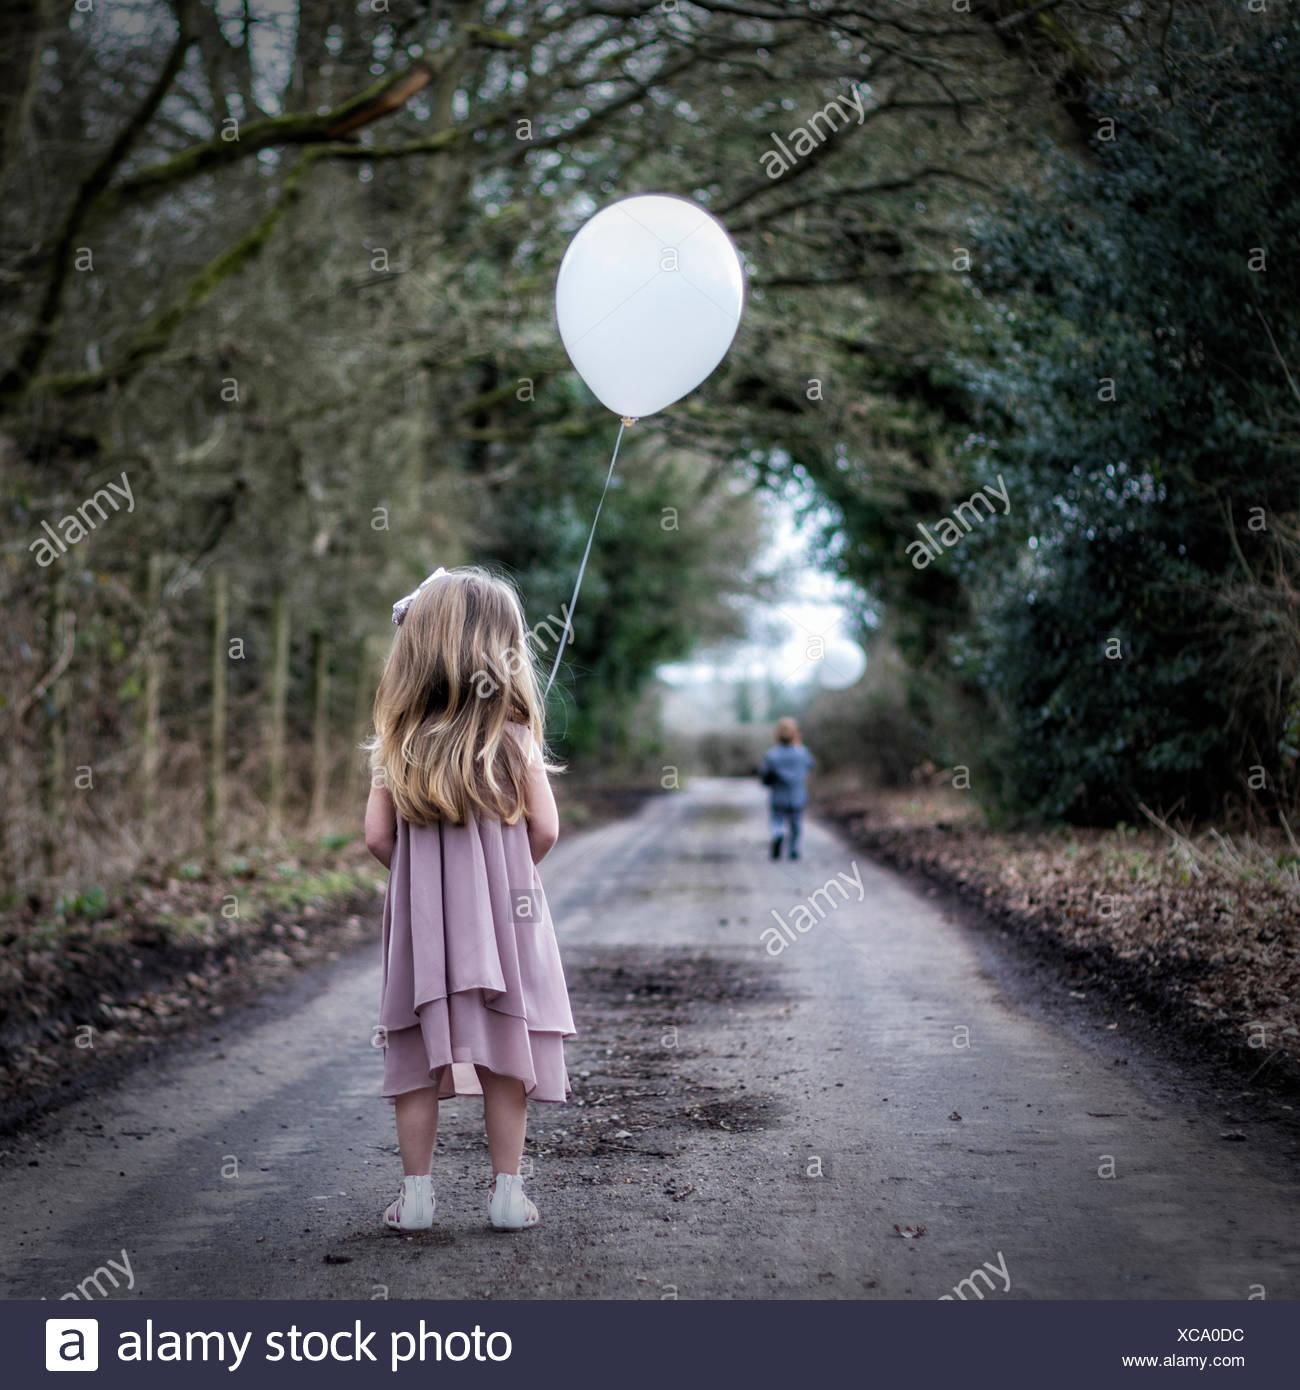 Rückansicht des Mädchens mit einem Ballon Blick auf junge auf der Flucht vor ihr Stockbild